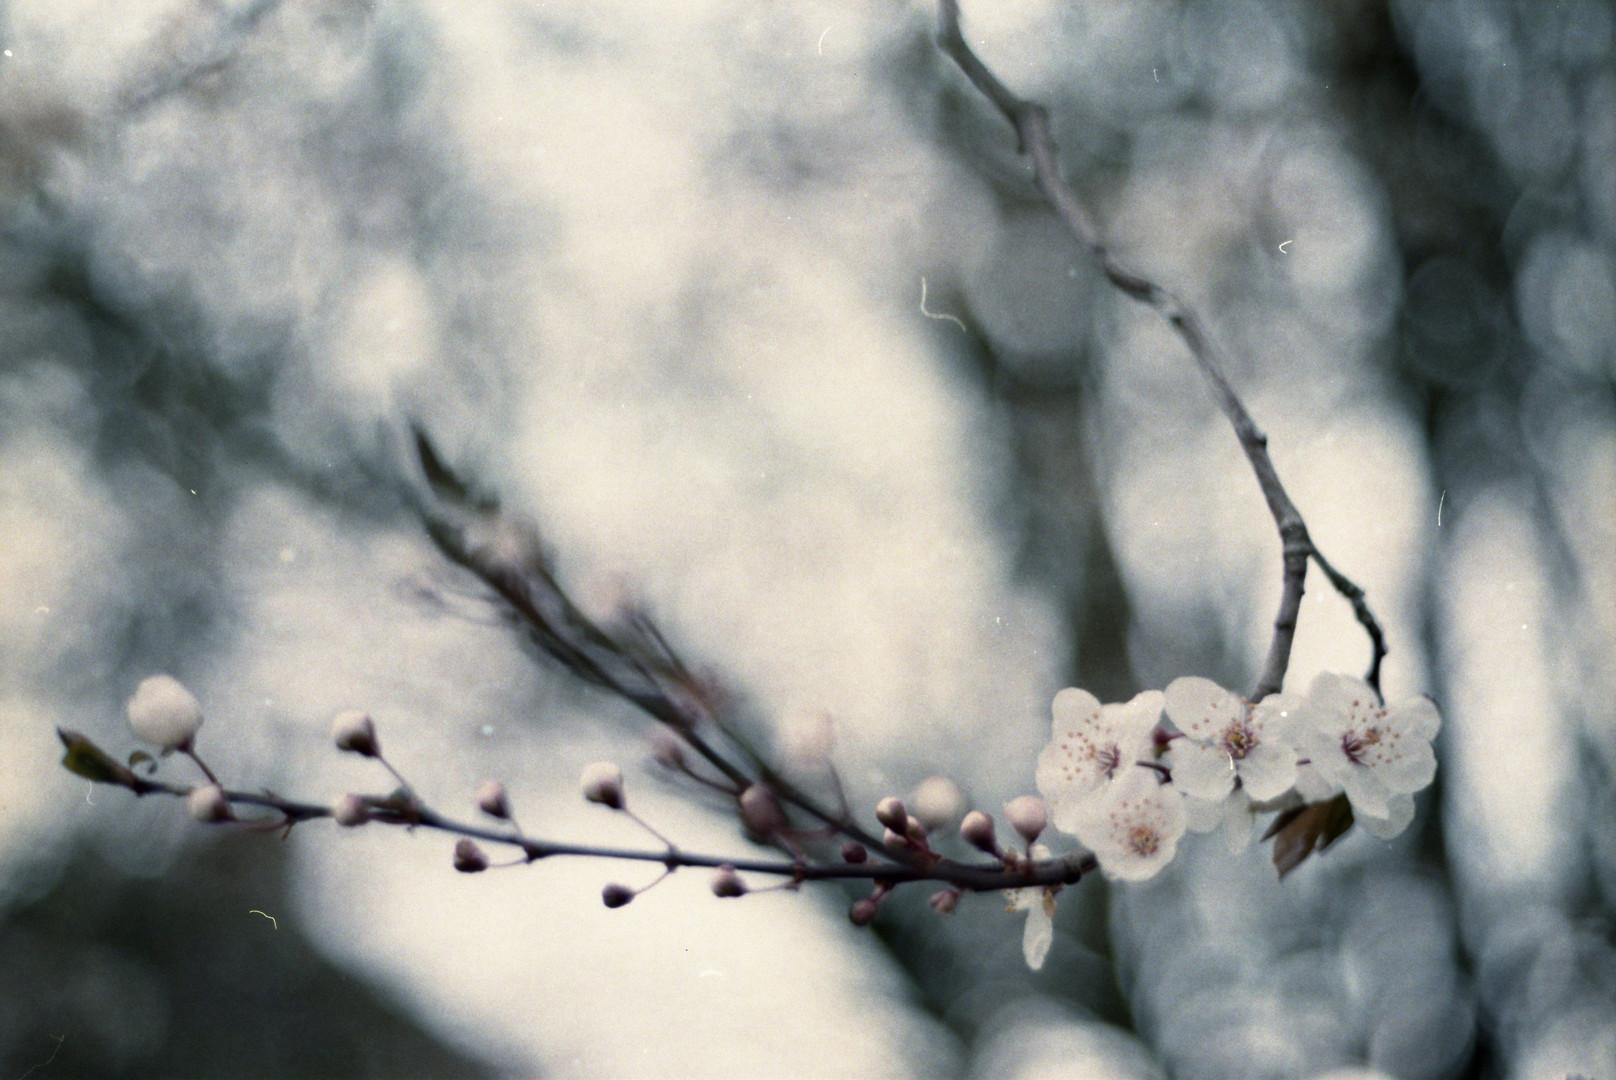 李子花 Plum flower